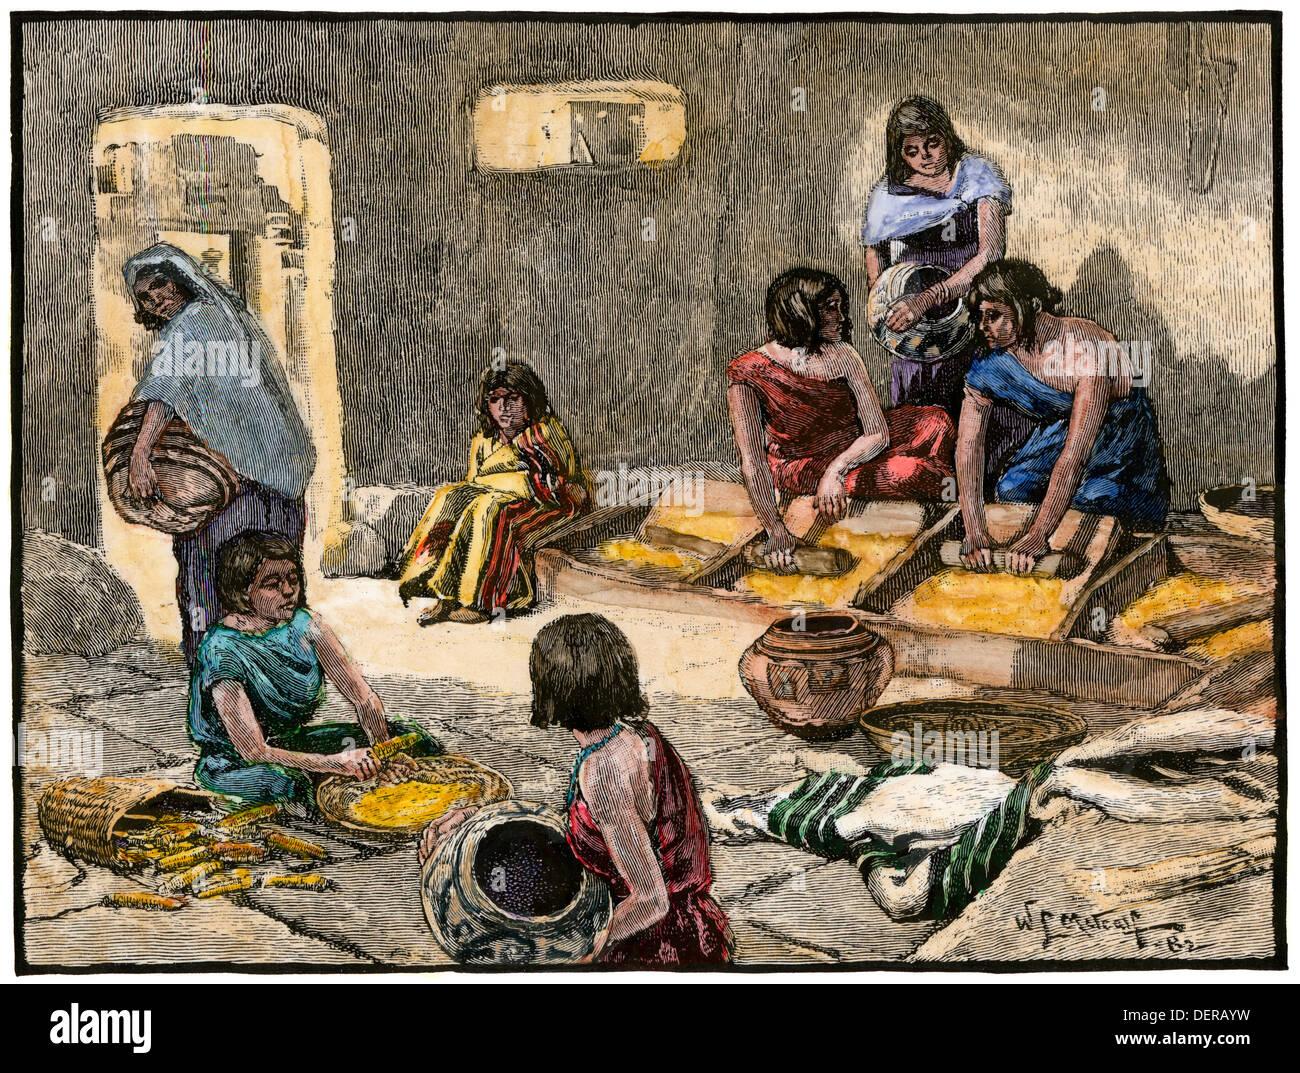 Las mujeres pueblo zuni la molienda del maíz, 1800. Xilografía coloreada a mano Imagen De Stock